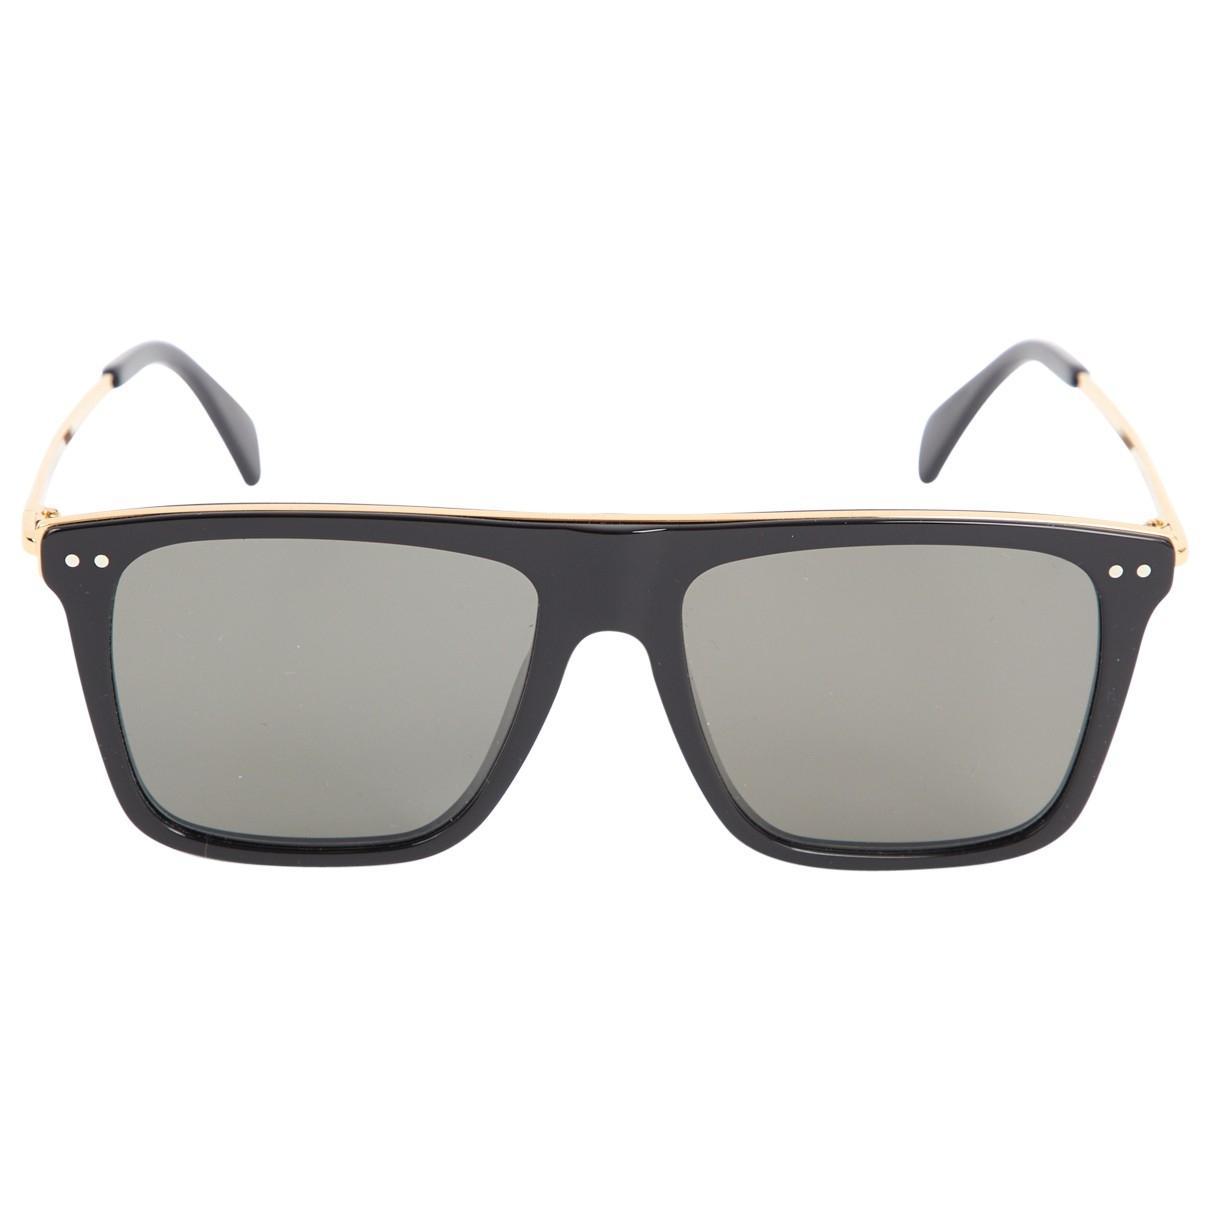 2e3f33861b5 Céline. Men s Black Plastic Sunglasses. £217 From Vestiaire Collective